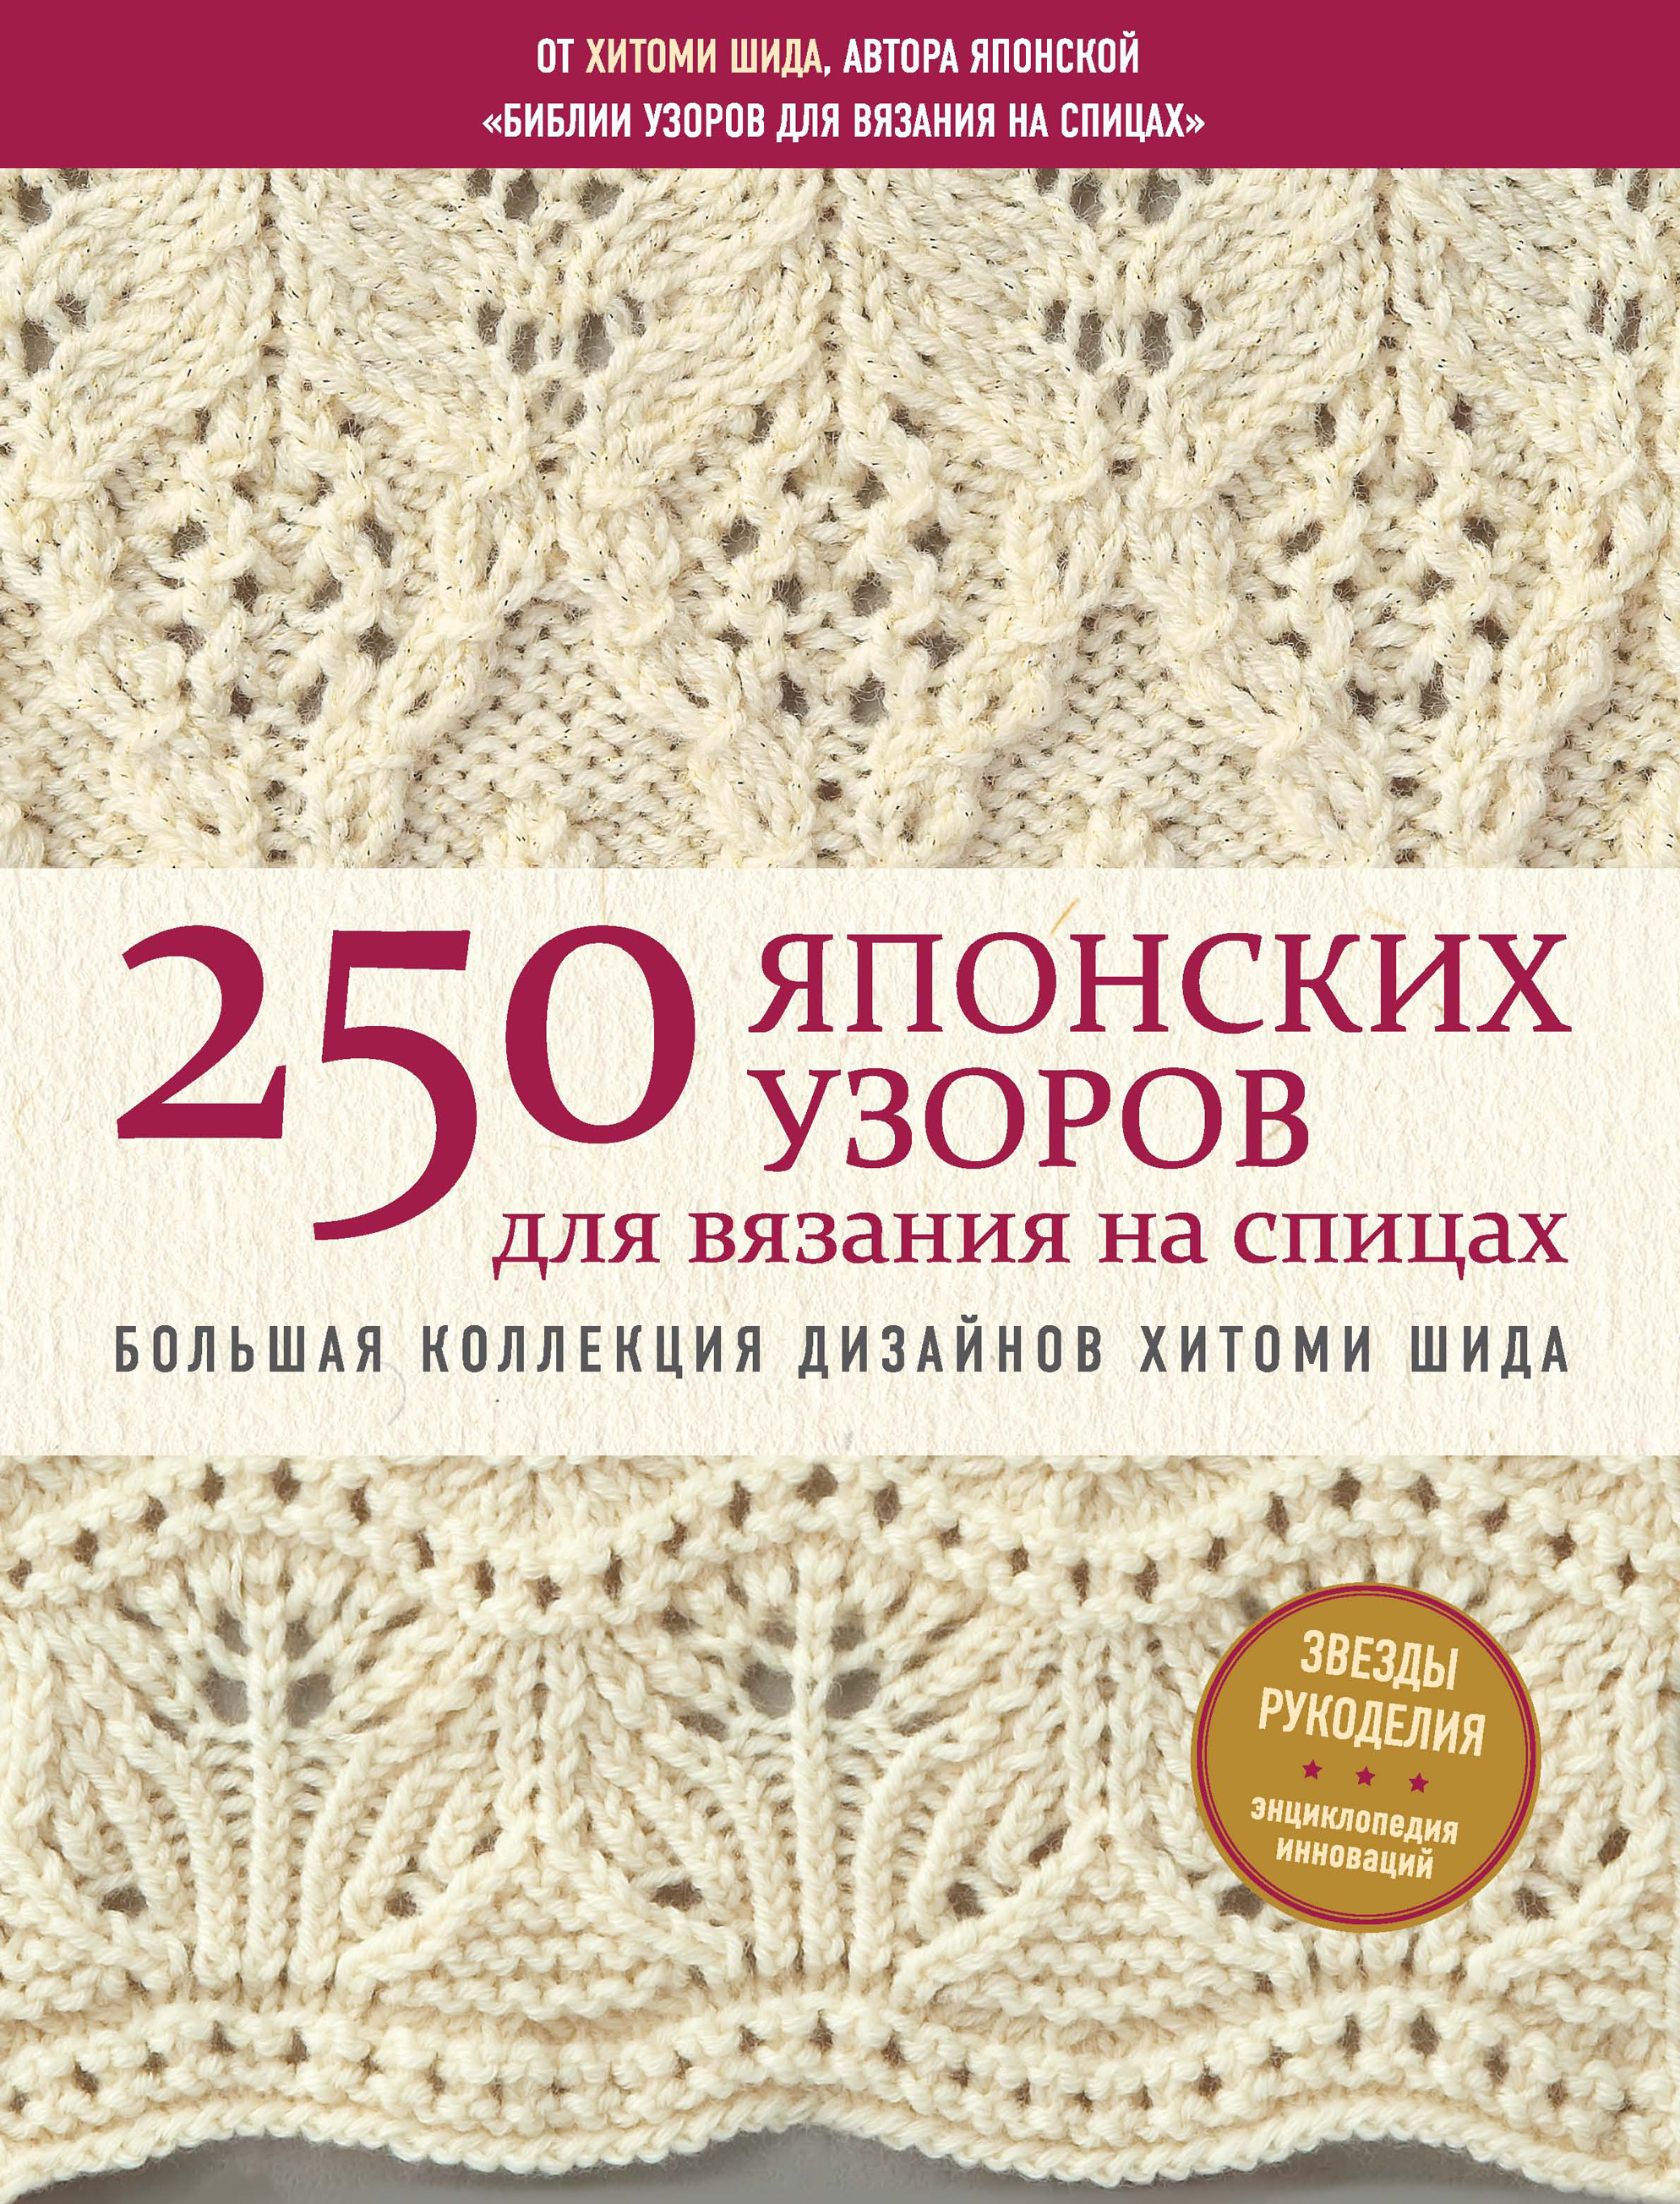 250 японских узоров для вязания на спицах. Большая коллекция дизайнов Хитоми Шида. Библия вязания на спицах